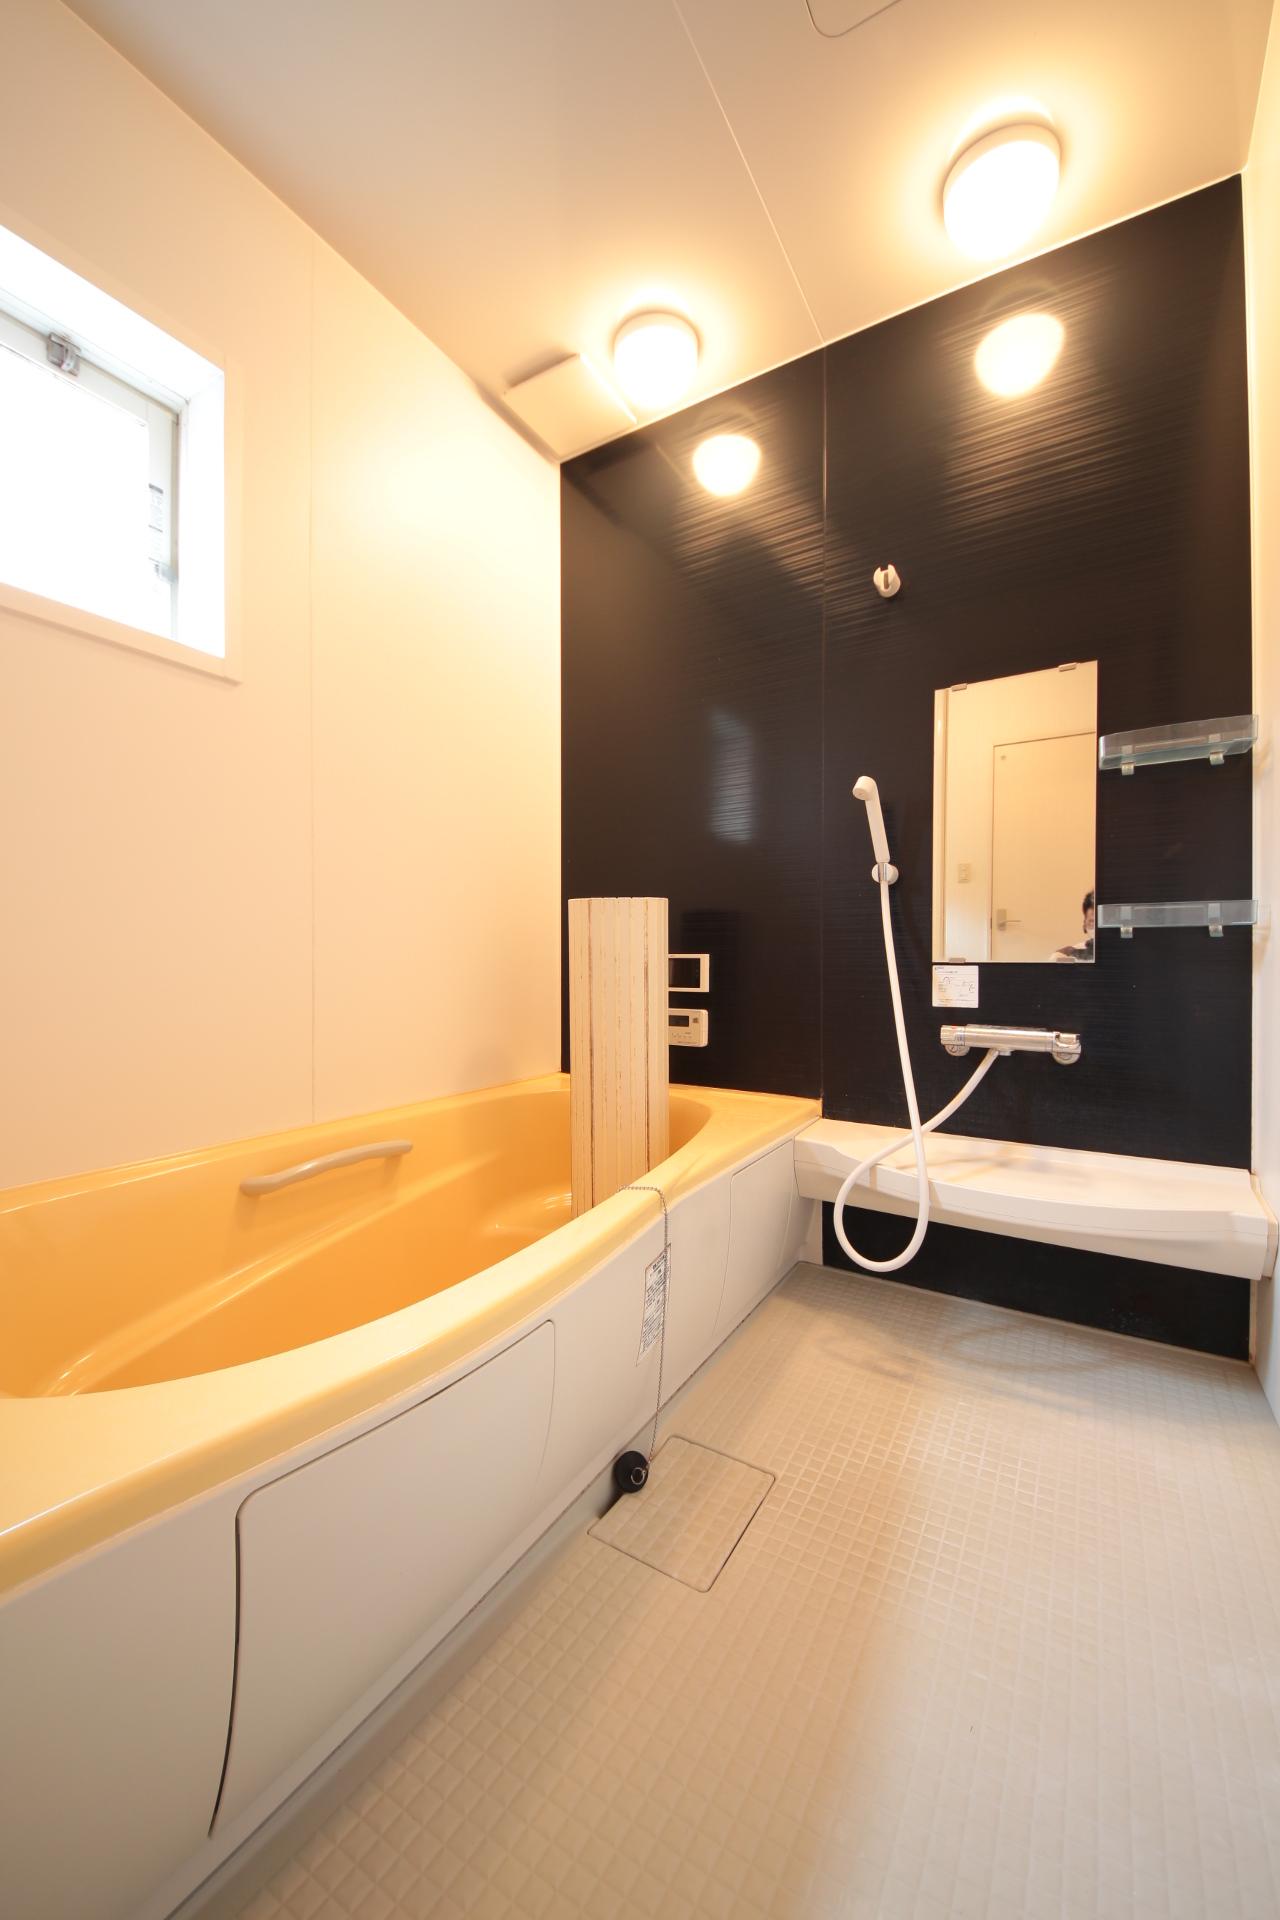 ラコリーヌ 浴室